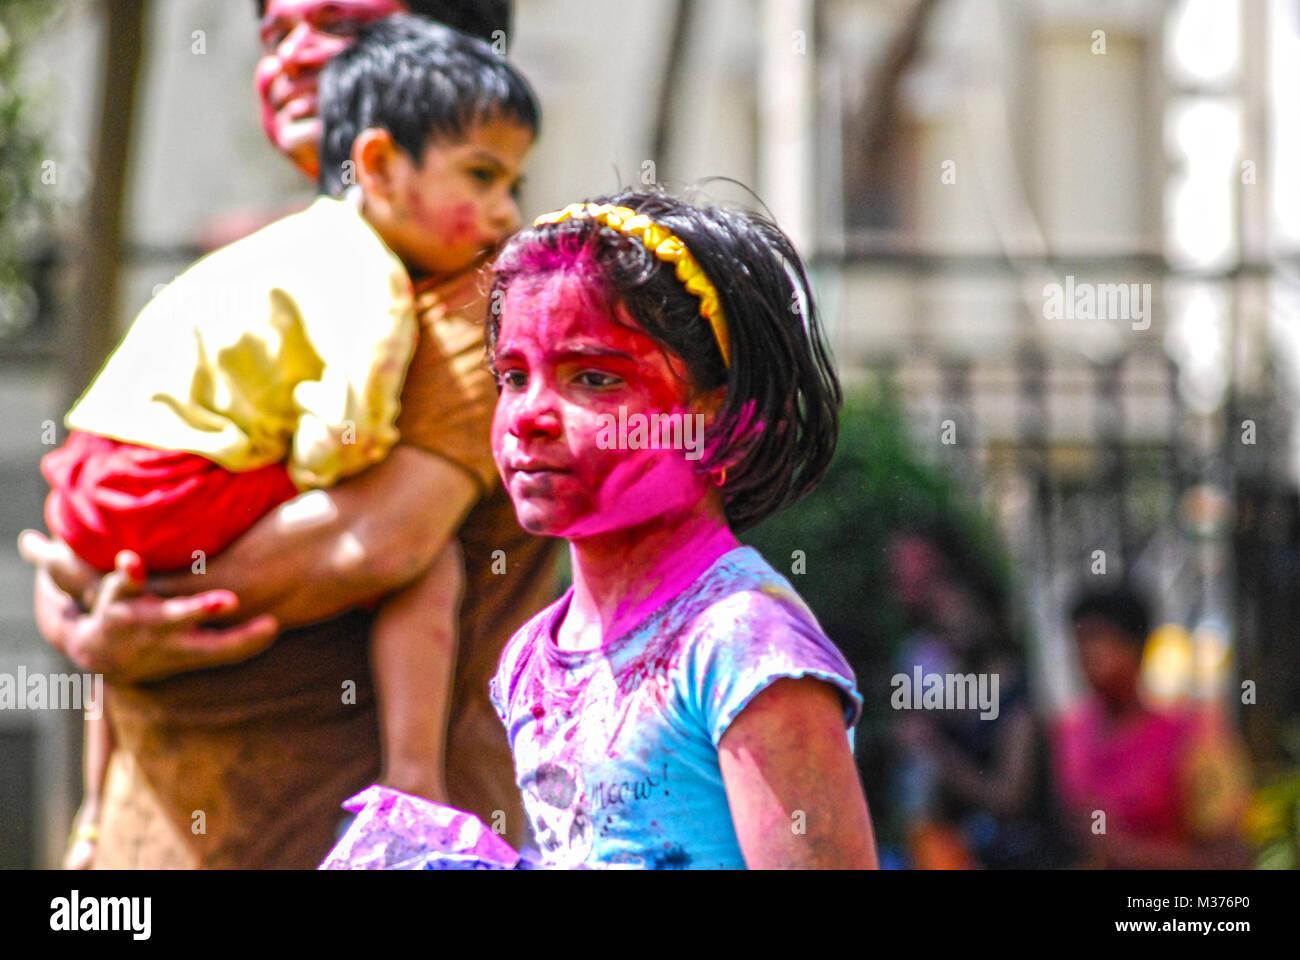 Una joven está cubierto con pintura en polvo durante la celebración de Holi en Hyderabad, India. Imagen De Stock